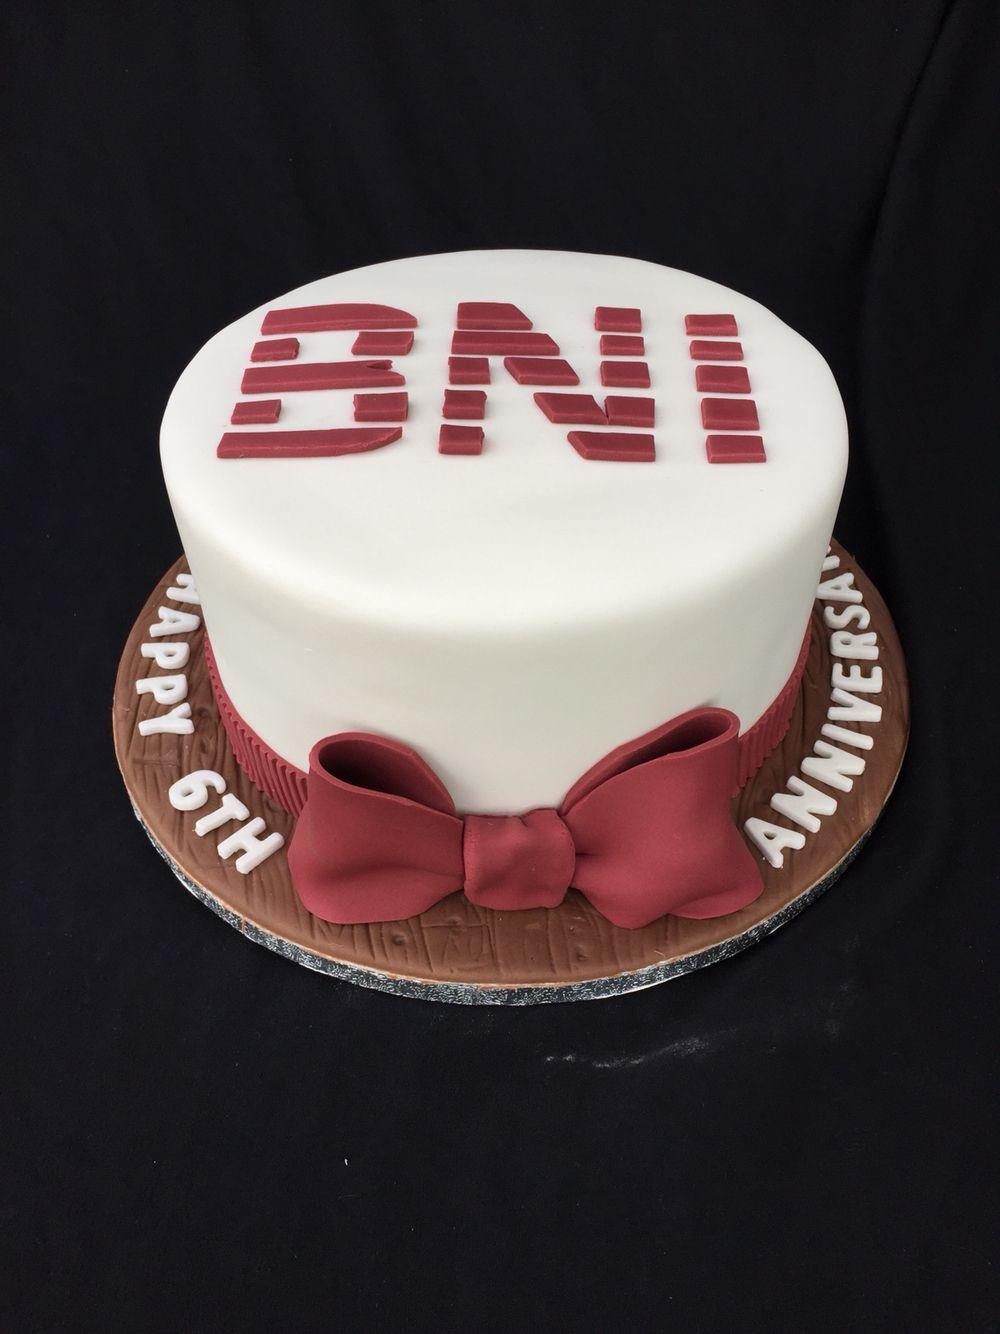 Business network ireland corporate 6 year anniversary cake